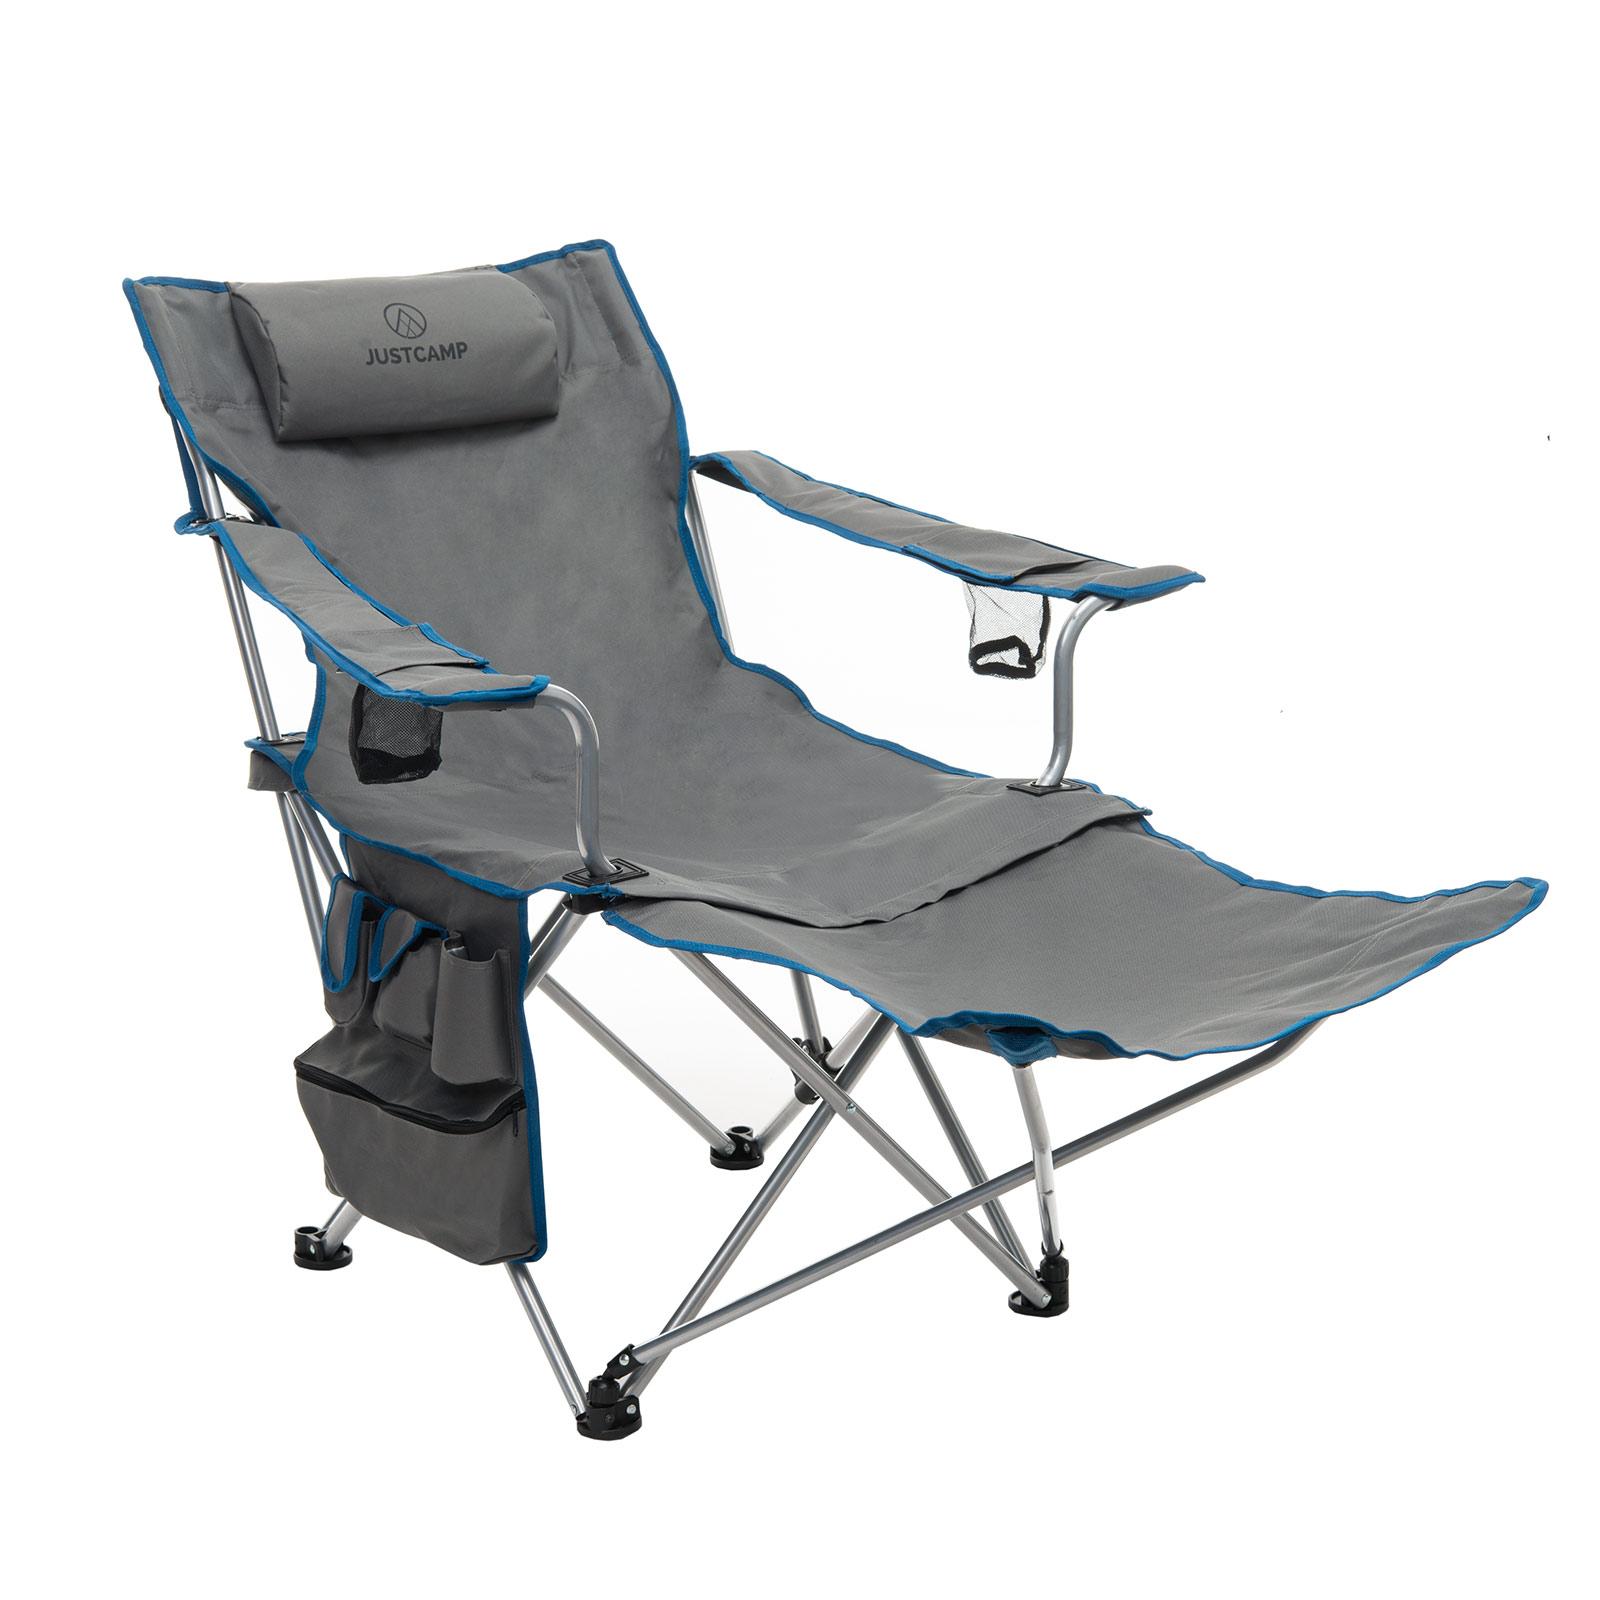 liegestuhl justcamp denver campingstuhl faltstuhl. Black Bedroom Furniture Sets. Home Design Ideas